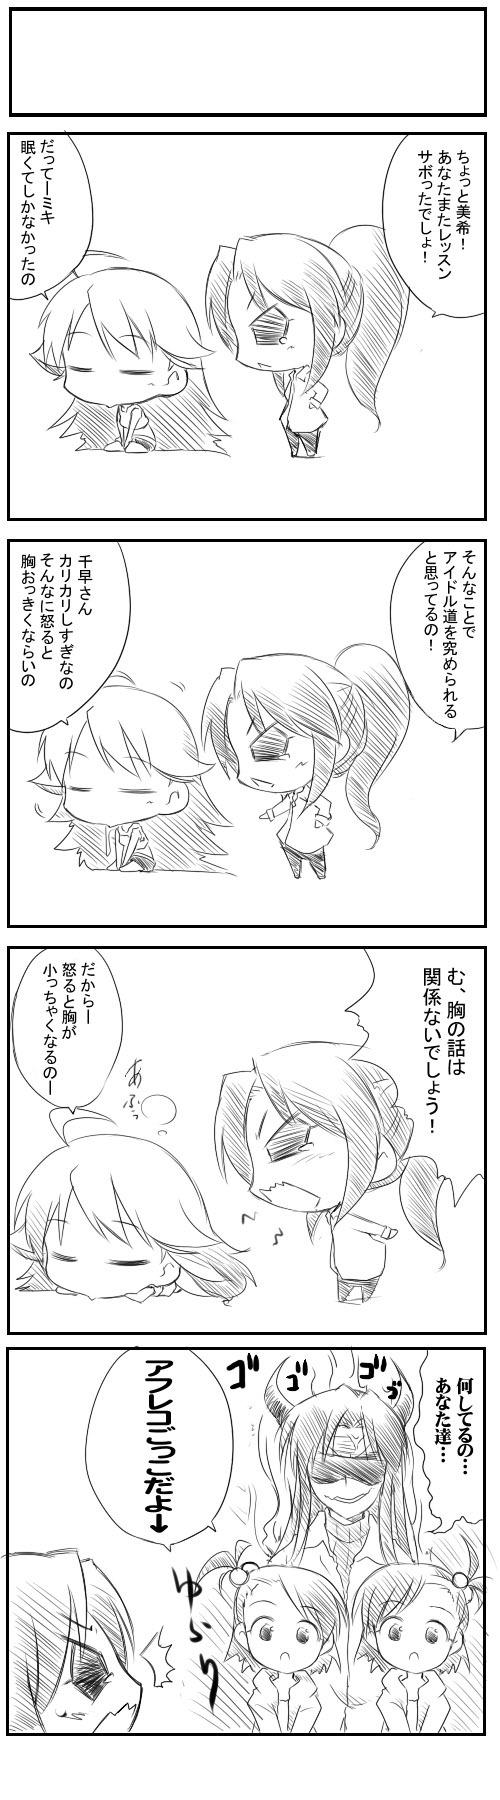 idol_447.jpg